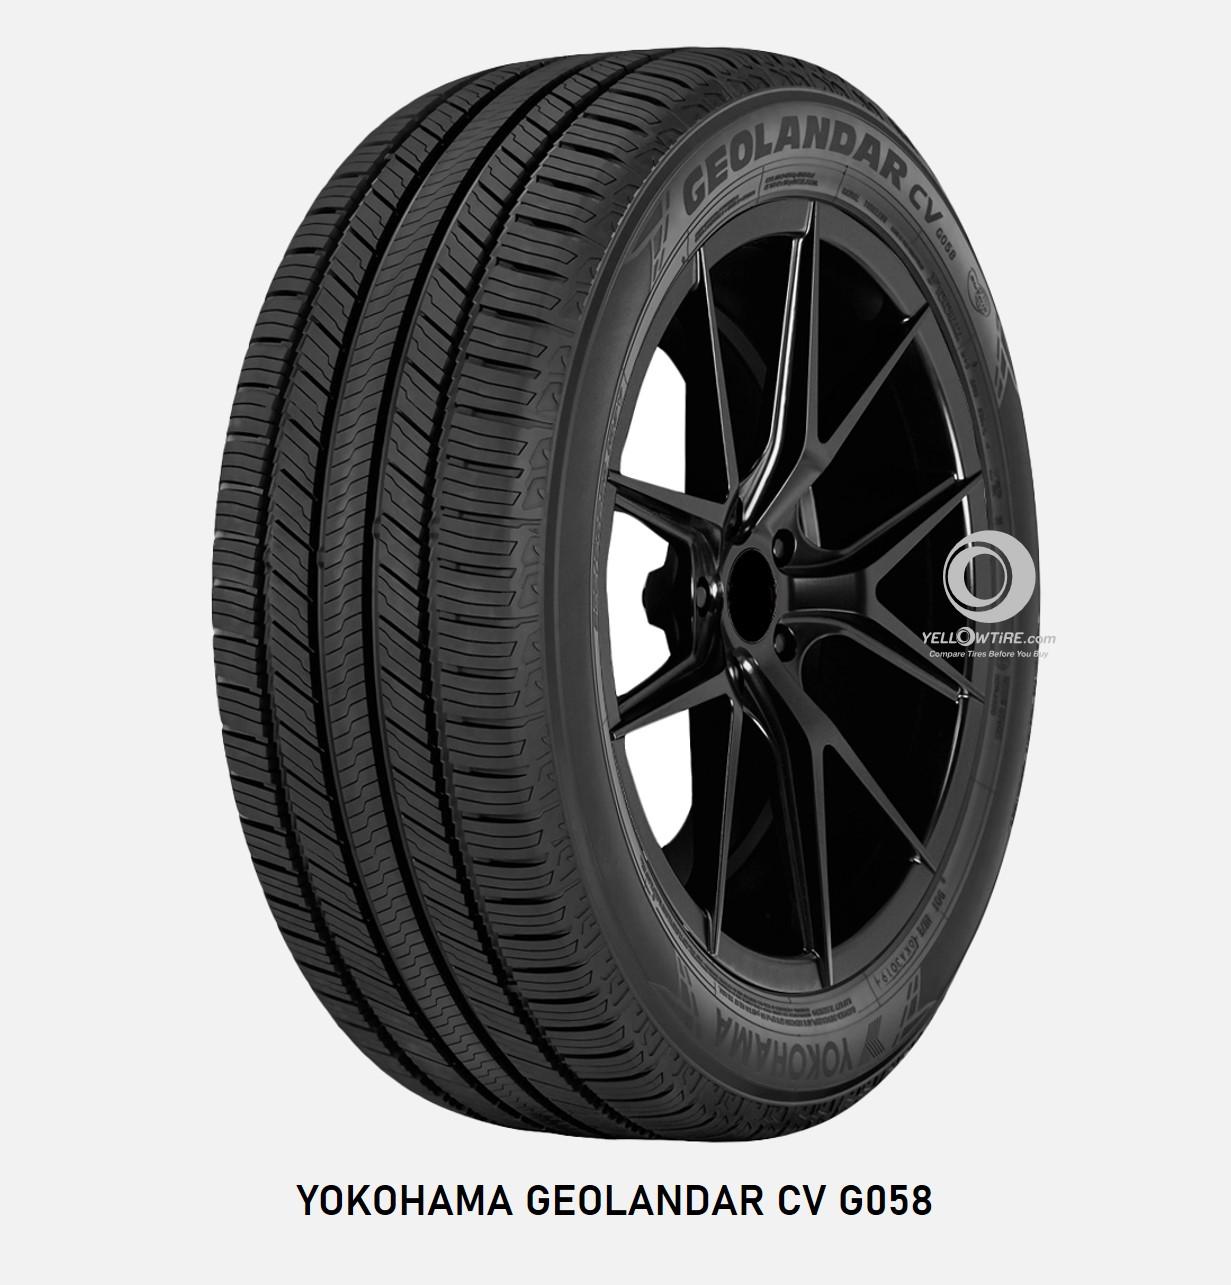 YOKOHAMA GEOLANDA CV G058